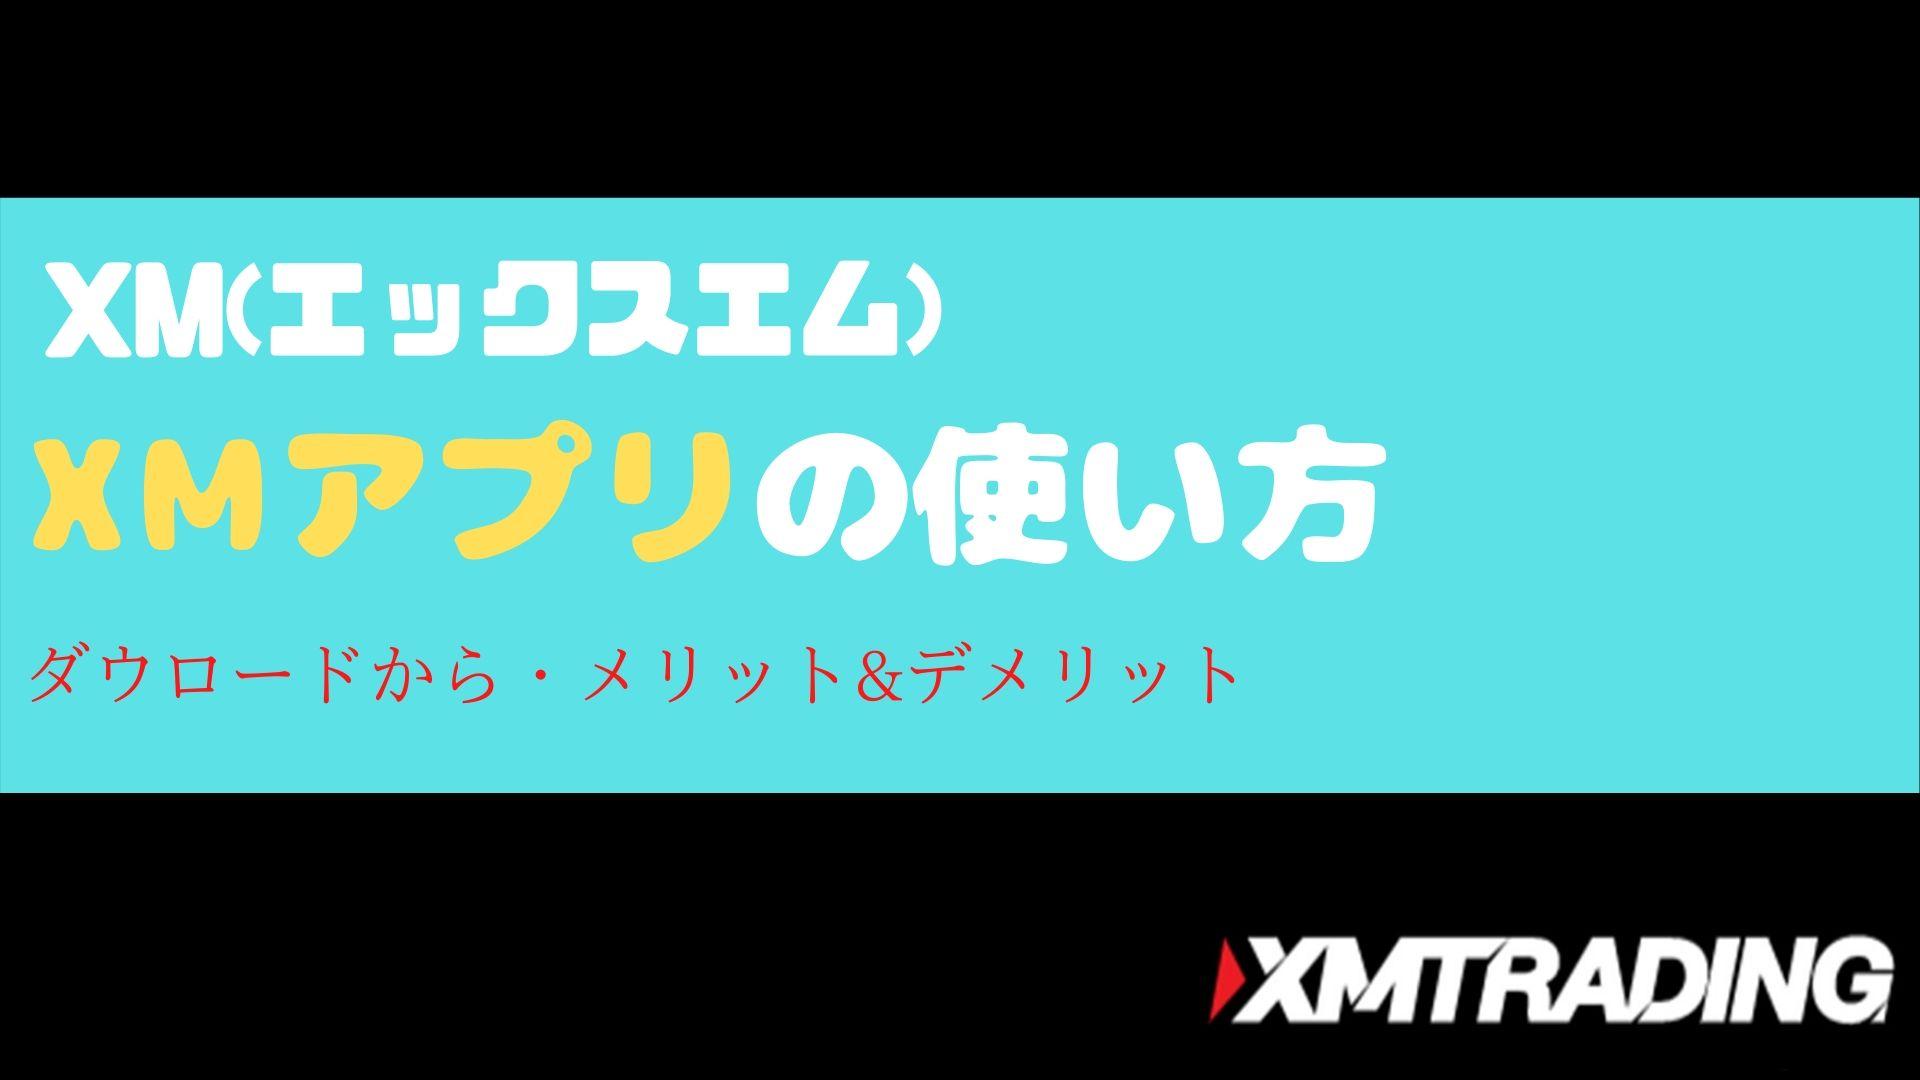 xm-app-title